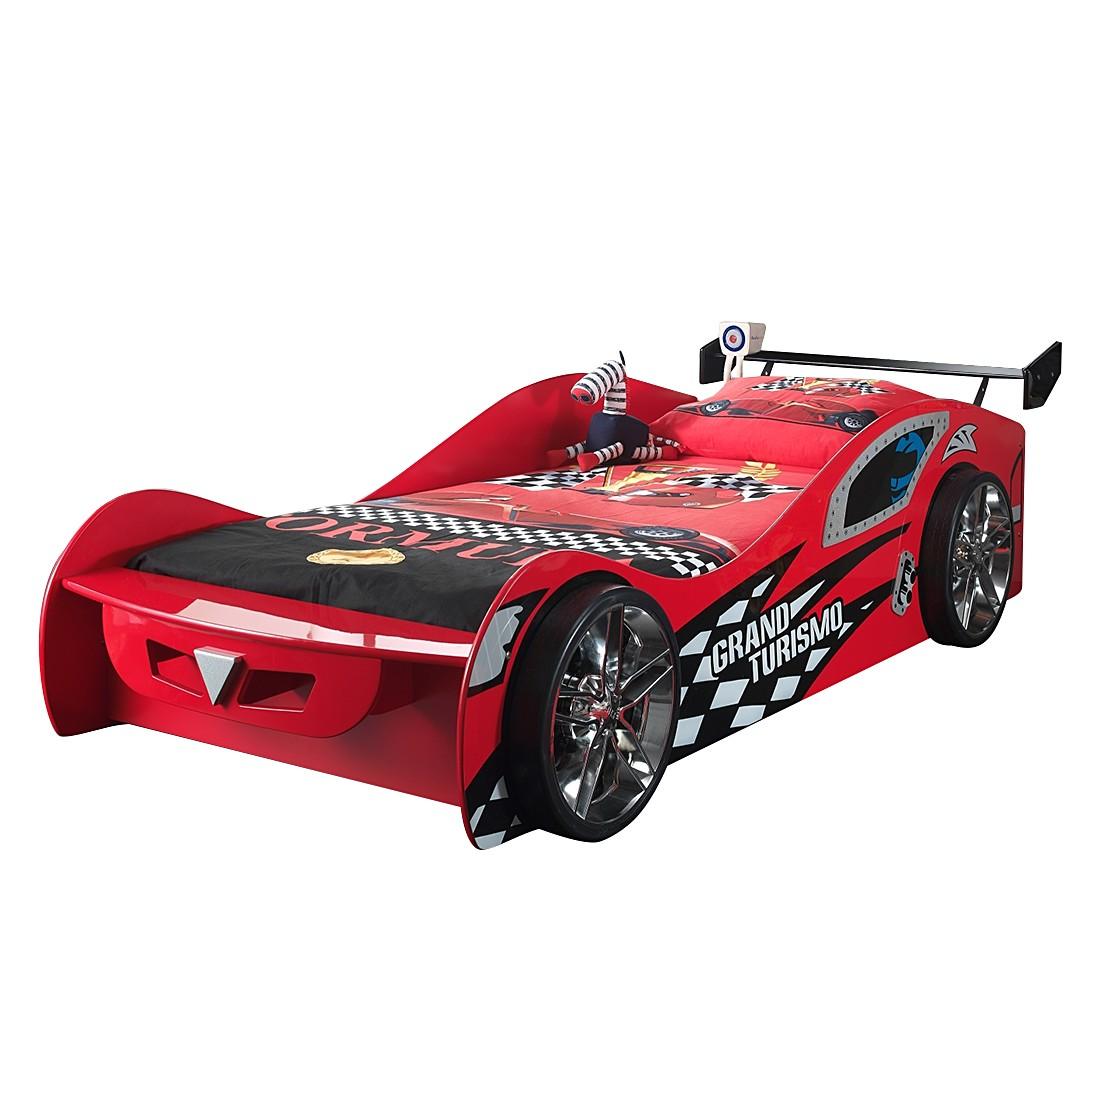 Autobett Grand Turismo